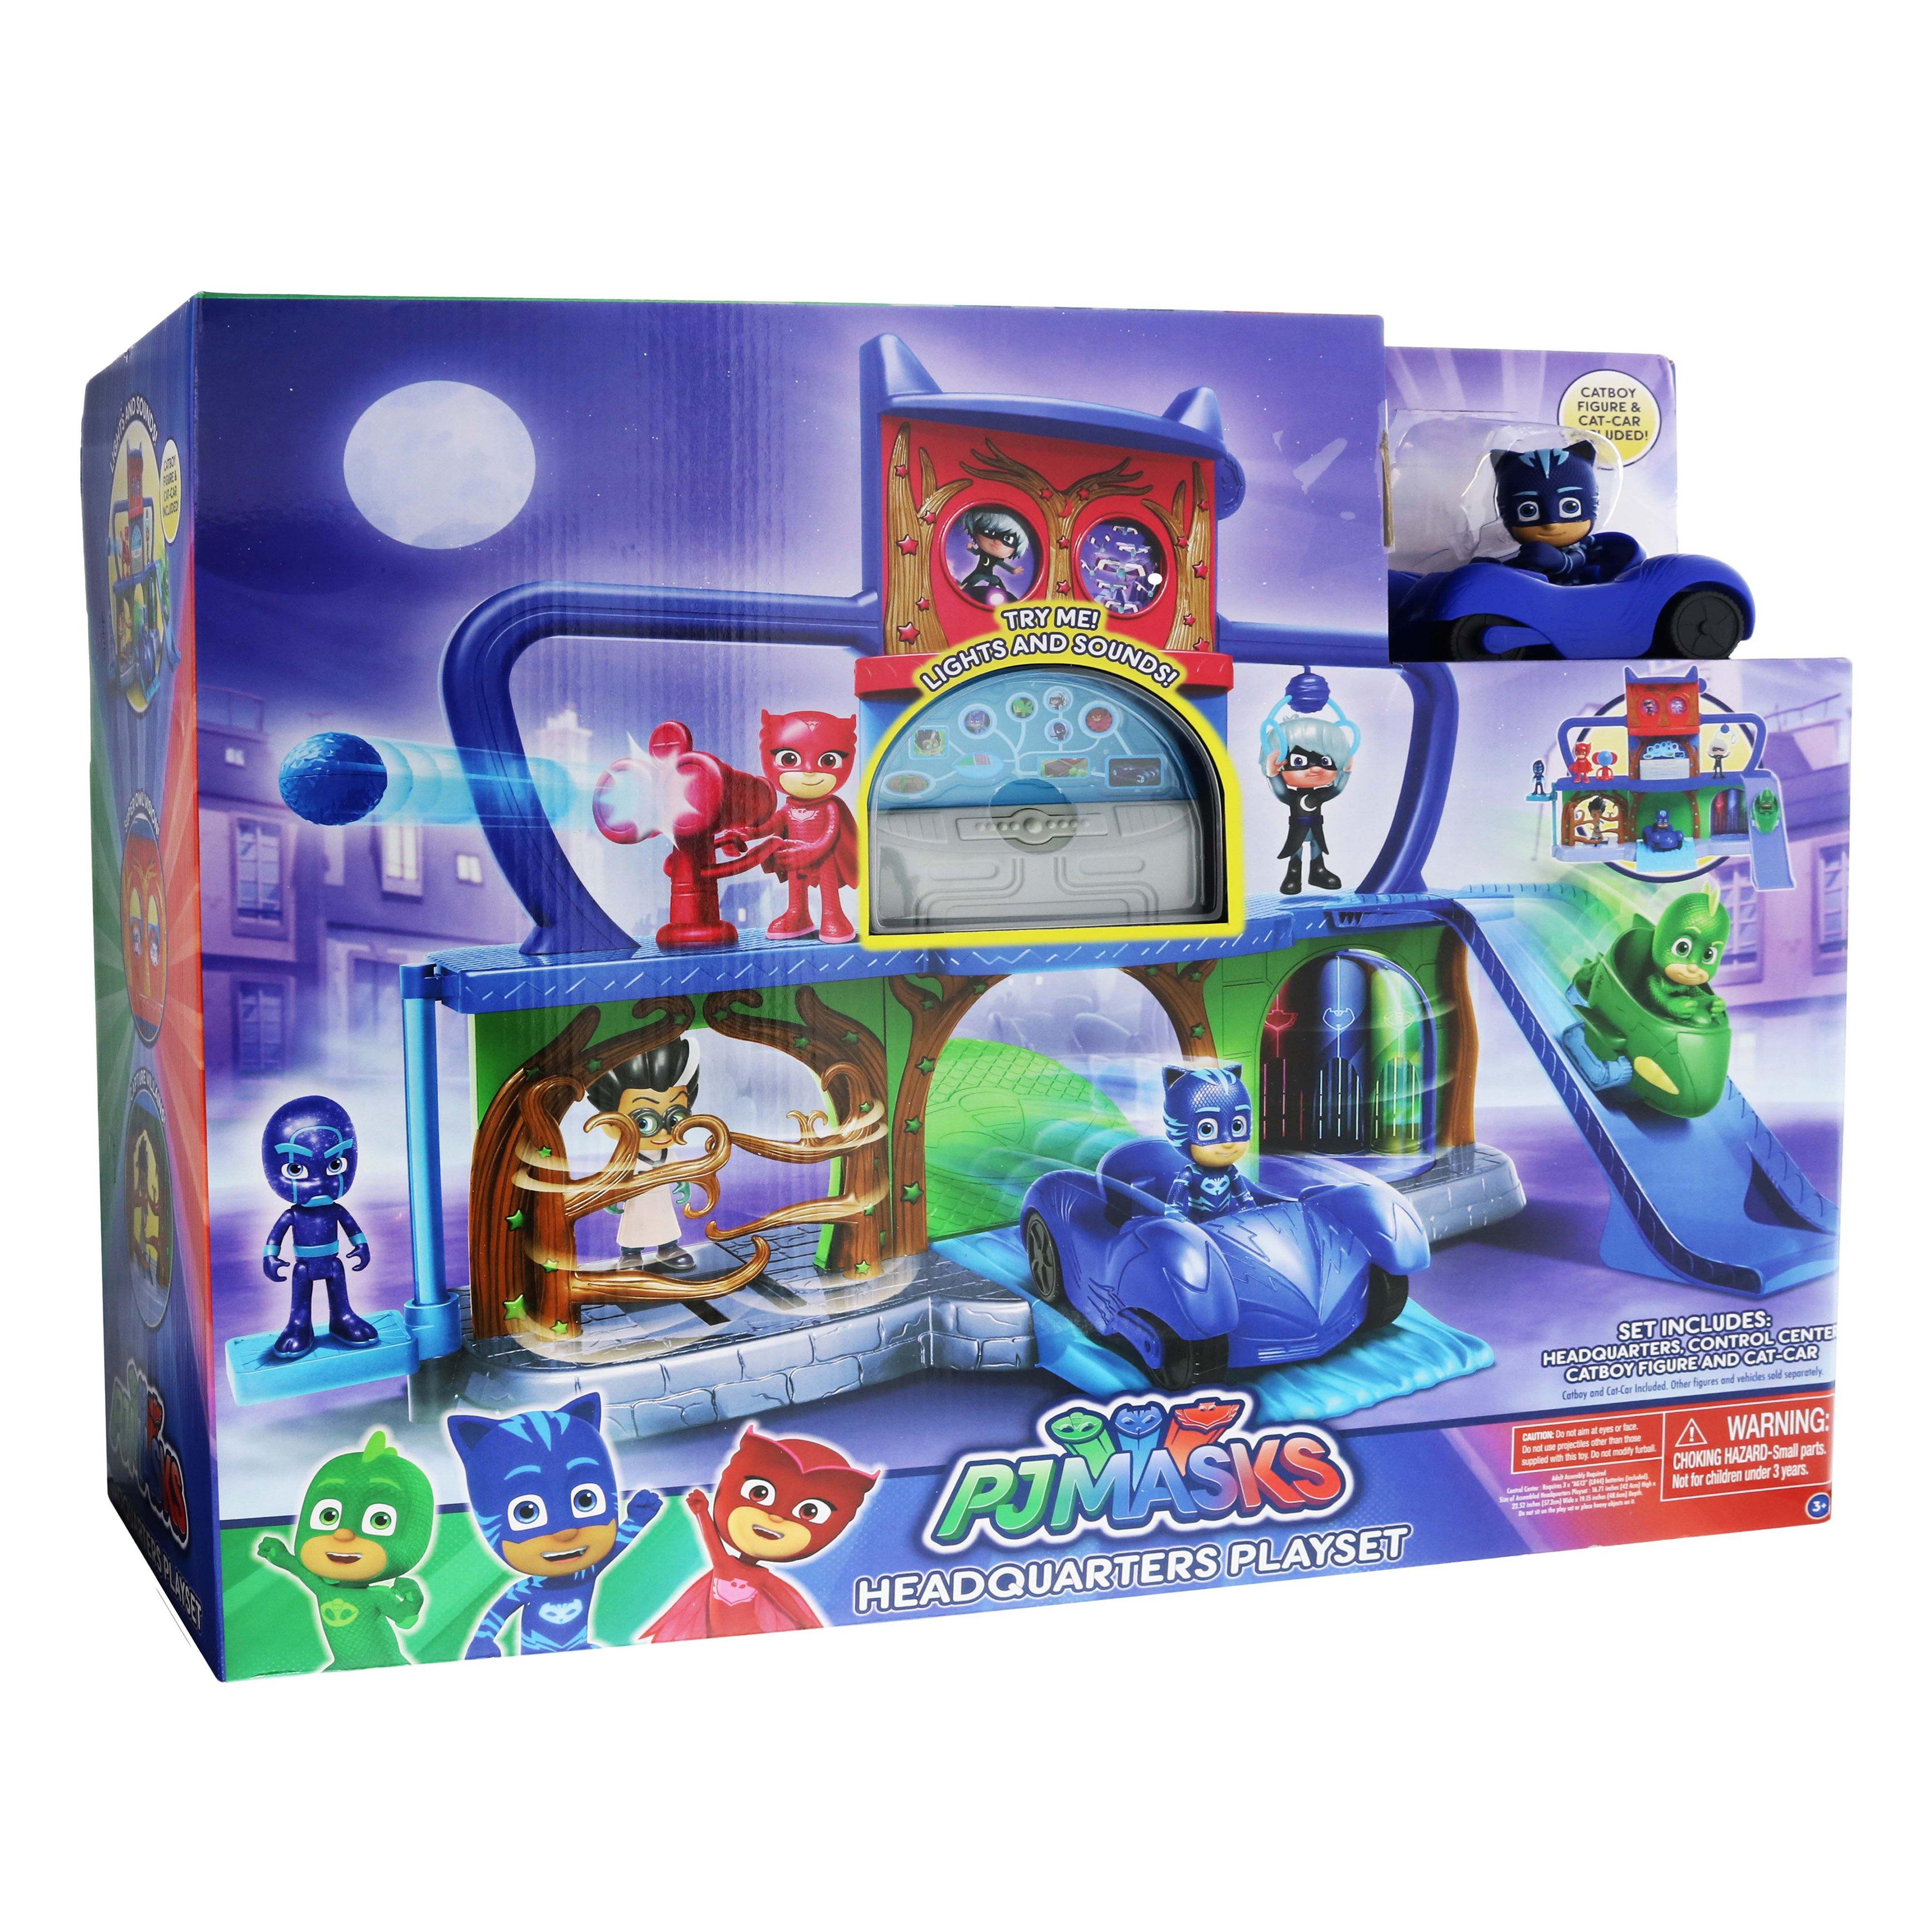 Cat Boy Cat Car Action Figure PJ Masks Headquarters Playset Toy Set